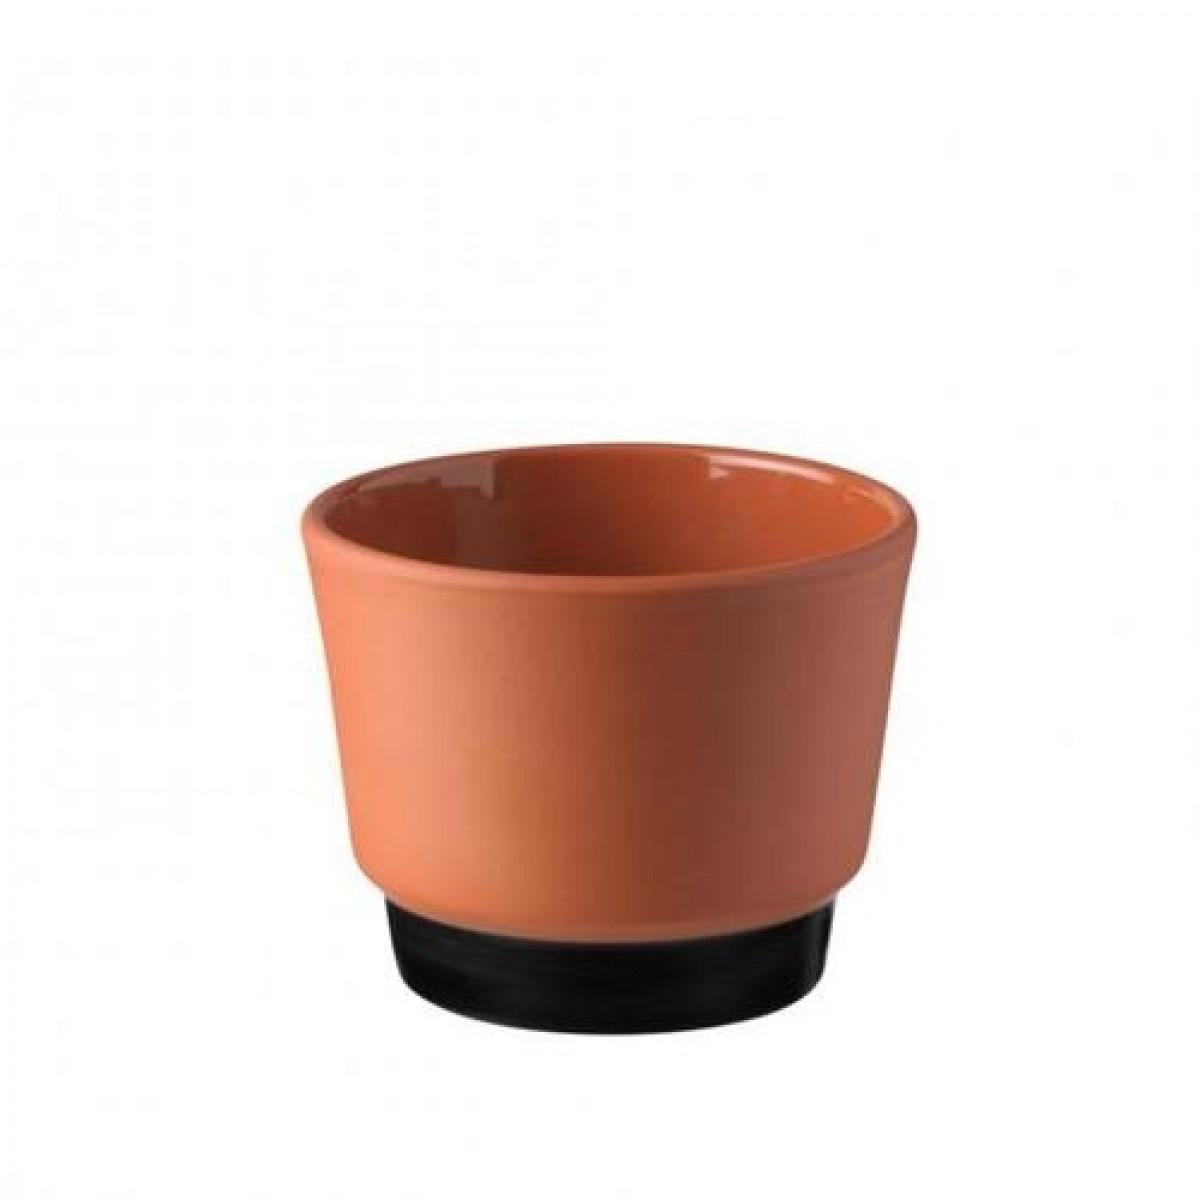 KNABSTRUP Urtepotteskjuler terracotta/sort 11,5 cm